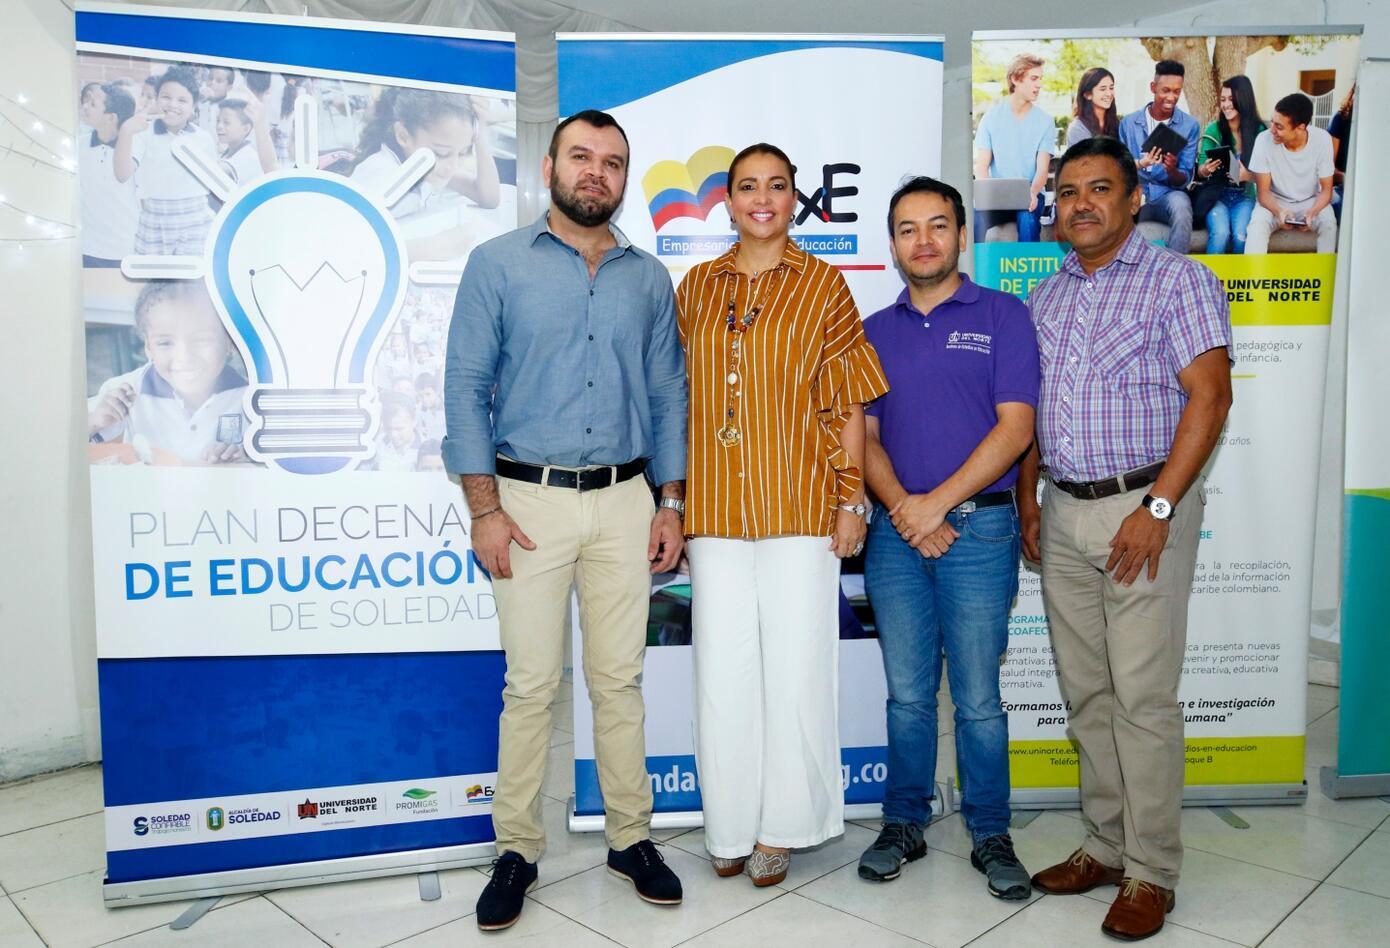 Plan Decenal de Educación de Soledad